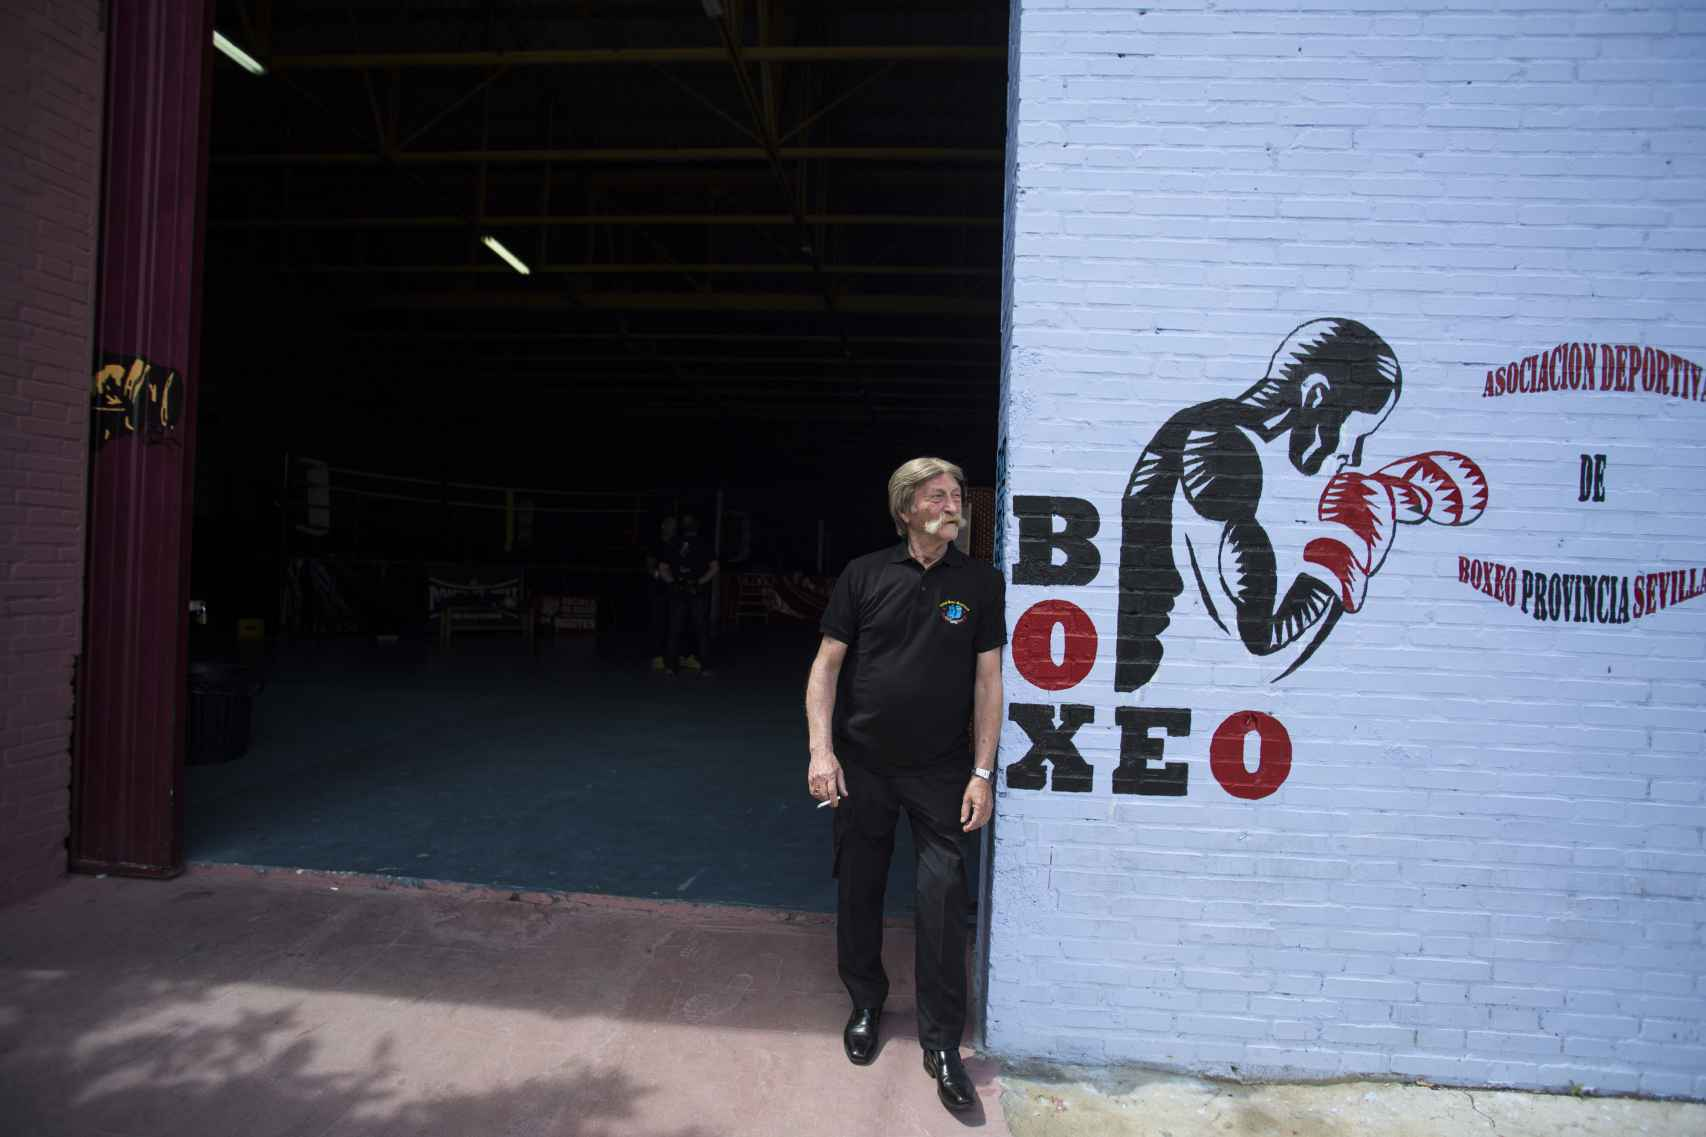 Antonio El Bigotes fumando un cigarrillo en la entrada a su centro de boxeo.